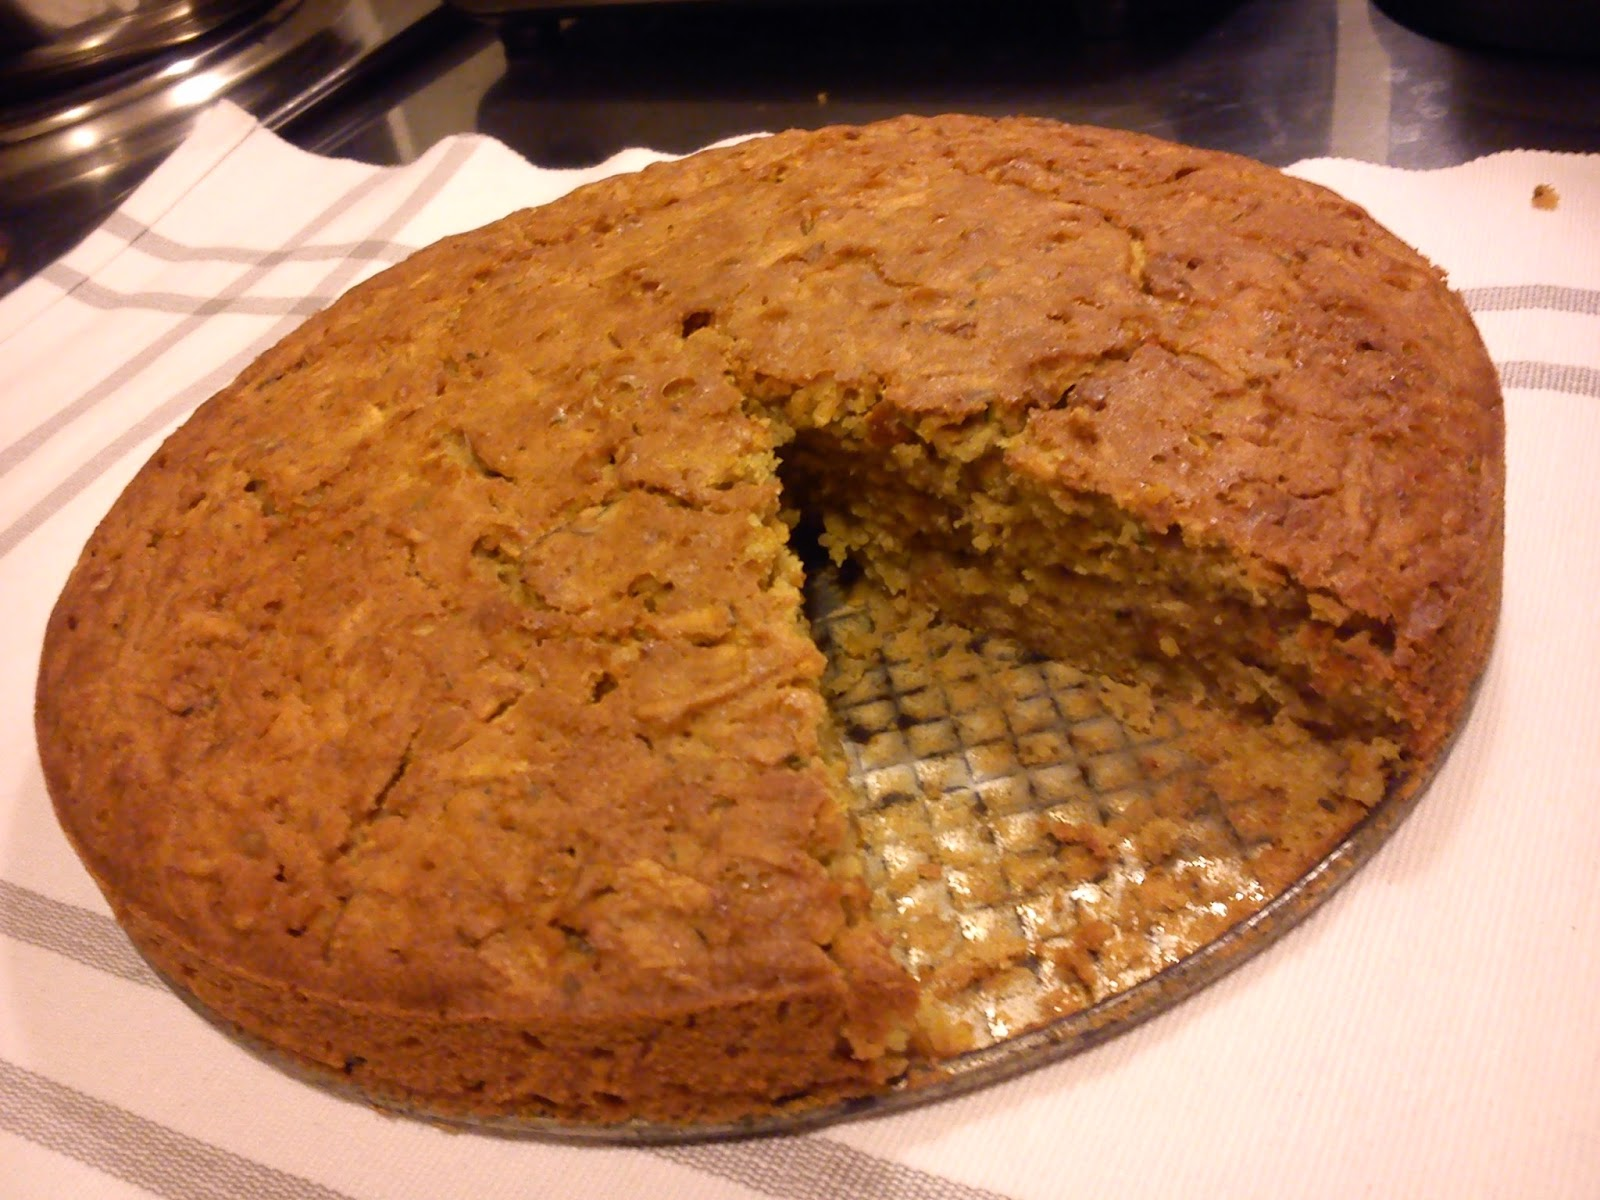 Reseptin mukaan leivottu bataattikakku maistuu lämpimänä!